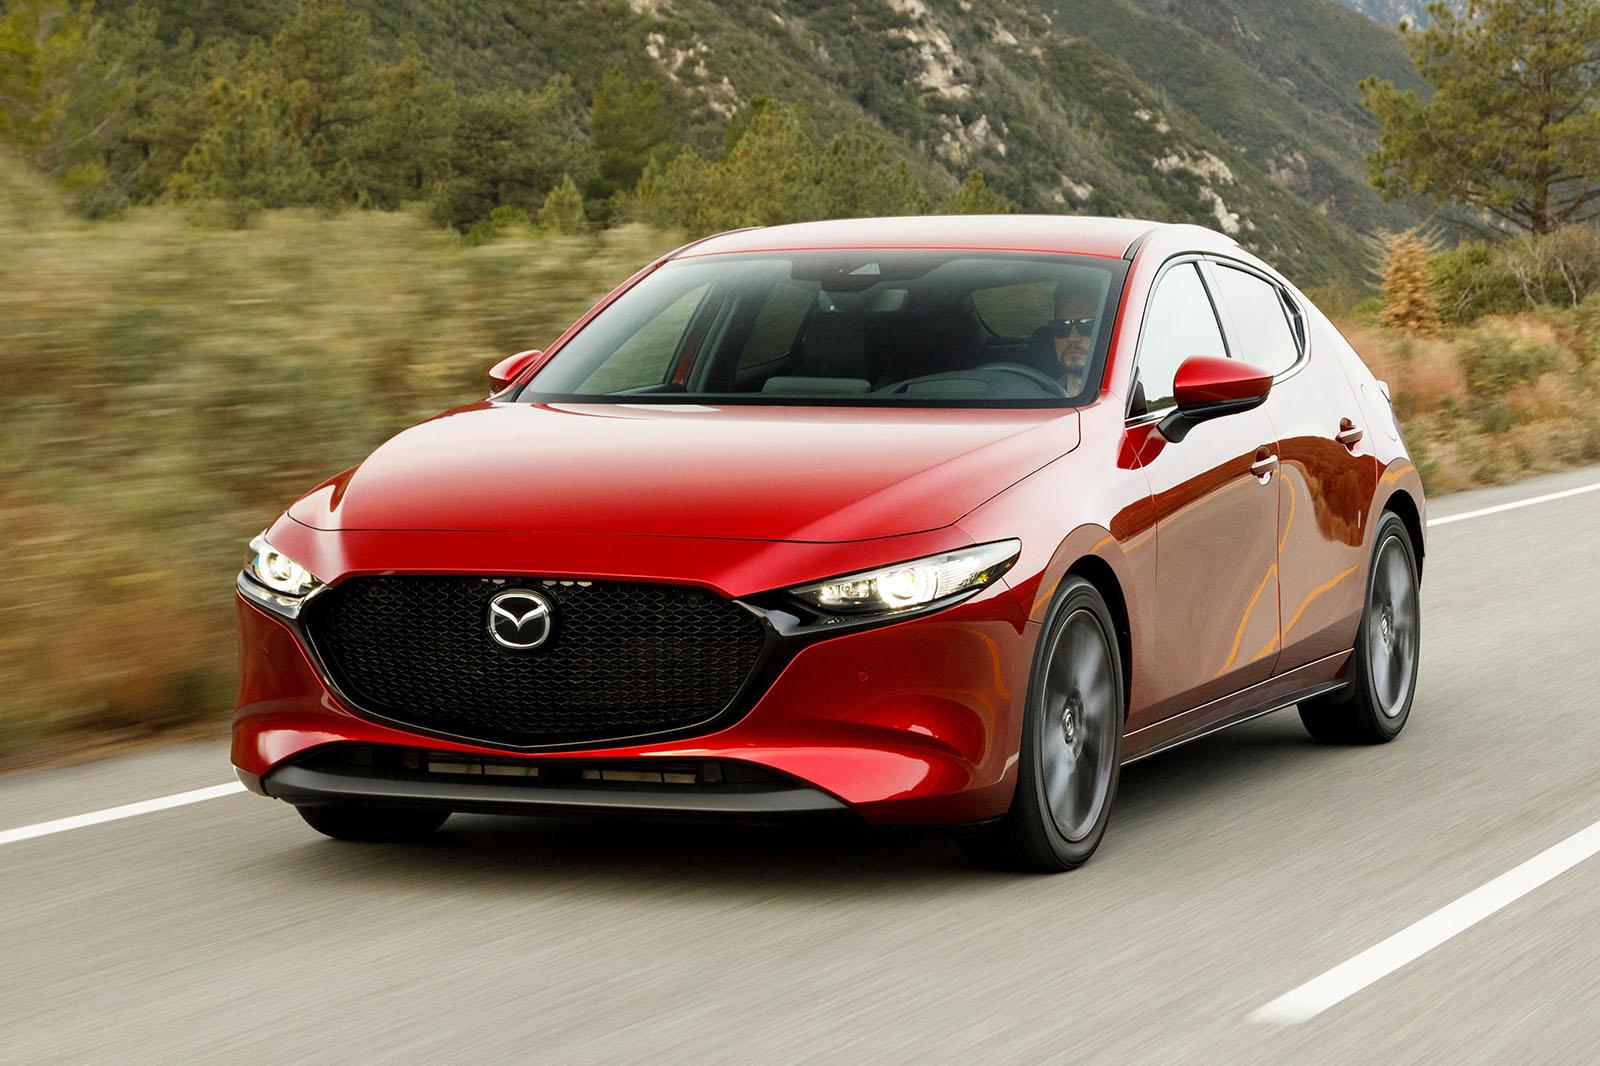 Kelebihan Mazda Skyactiv G Tangguh